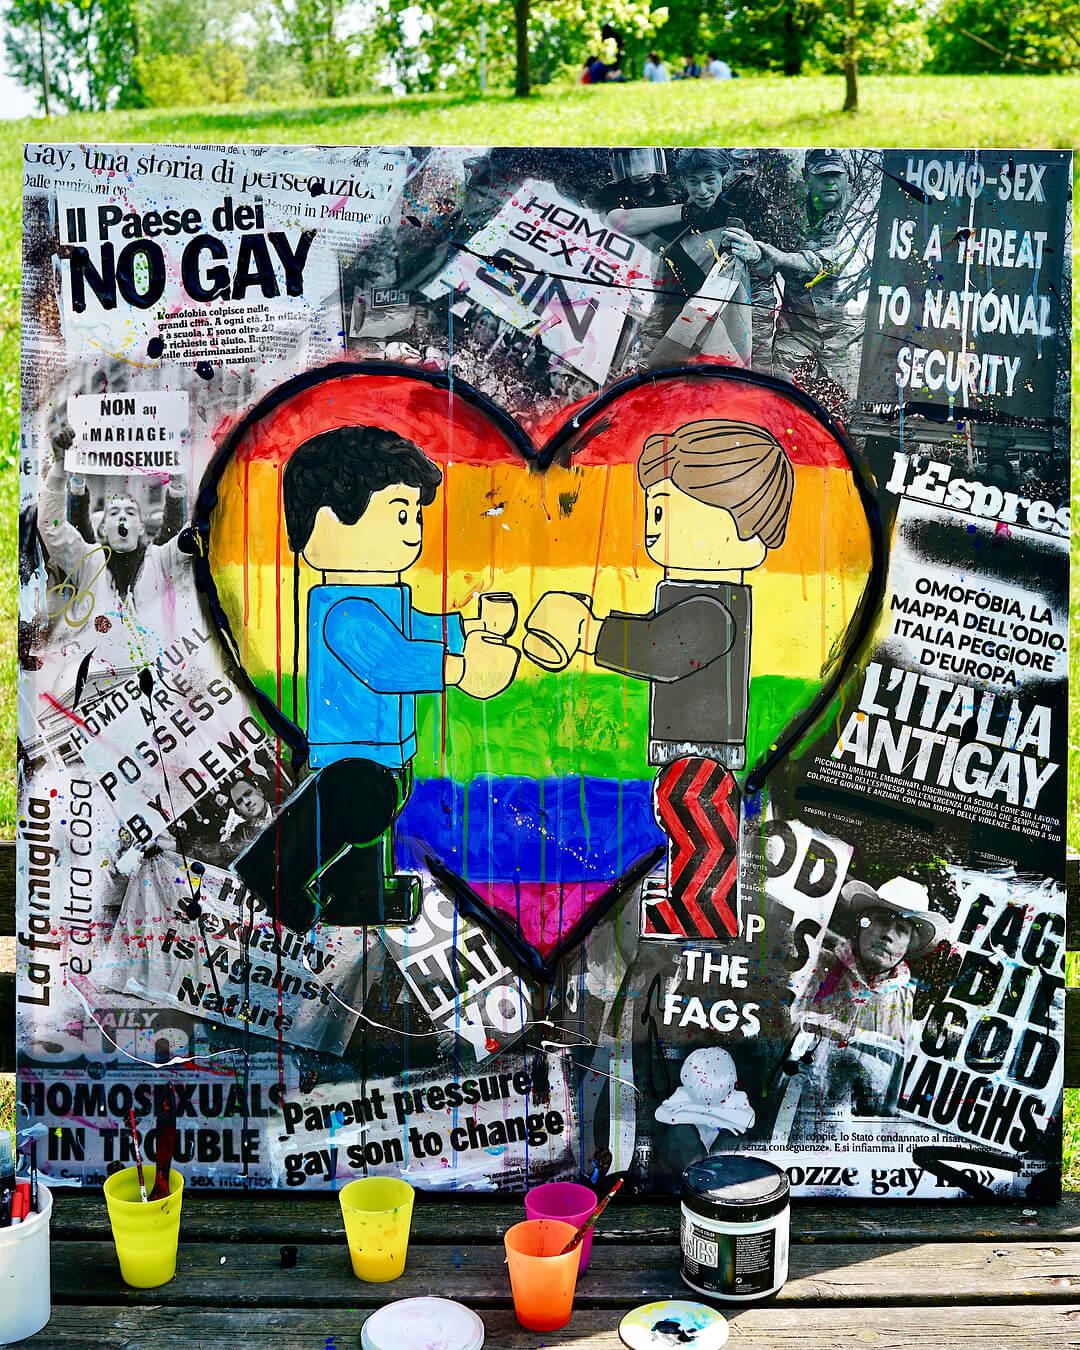 Il quadro contro l'omofobia